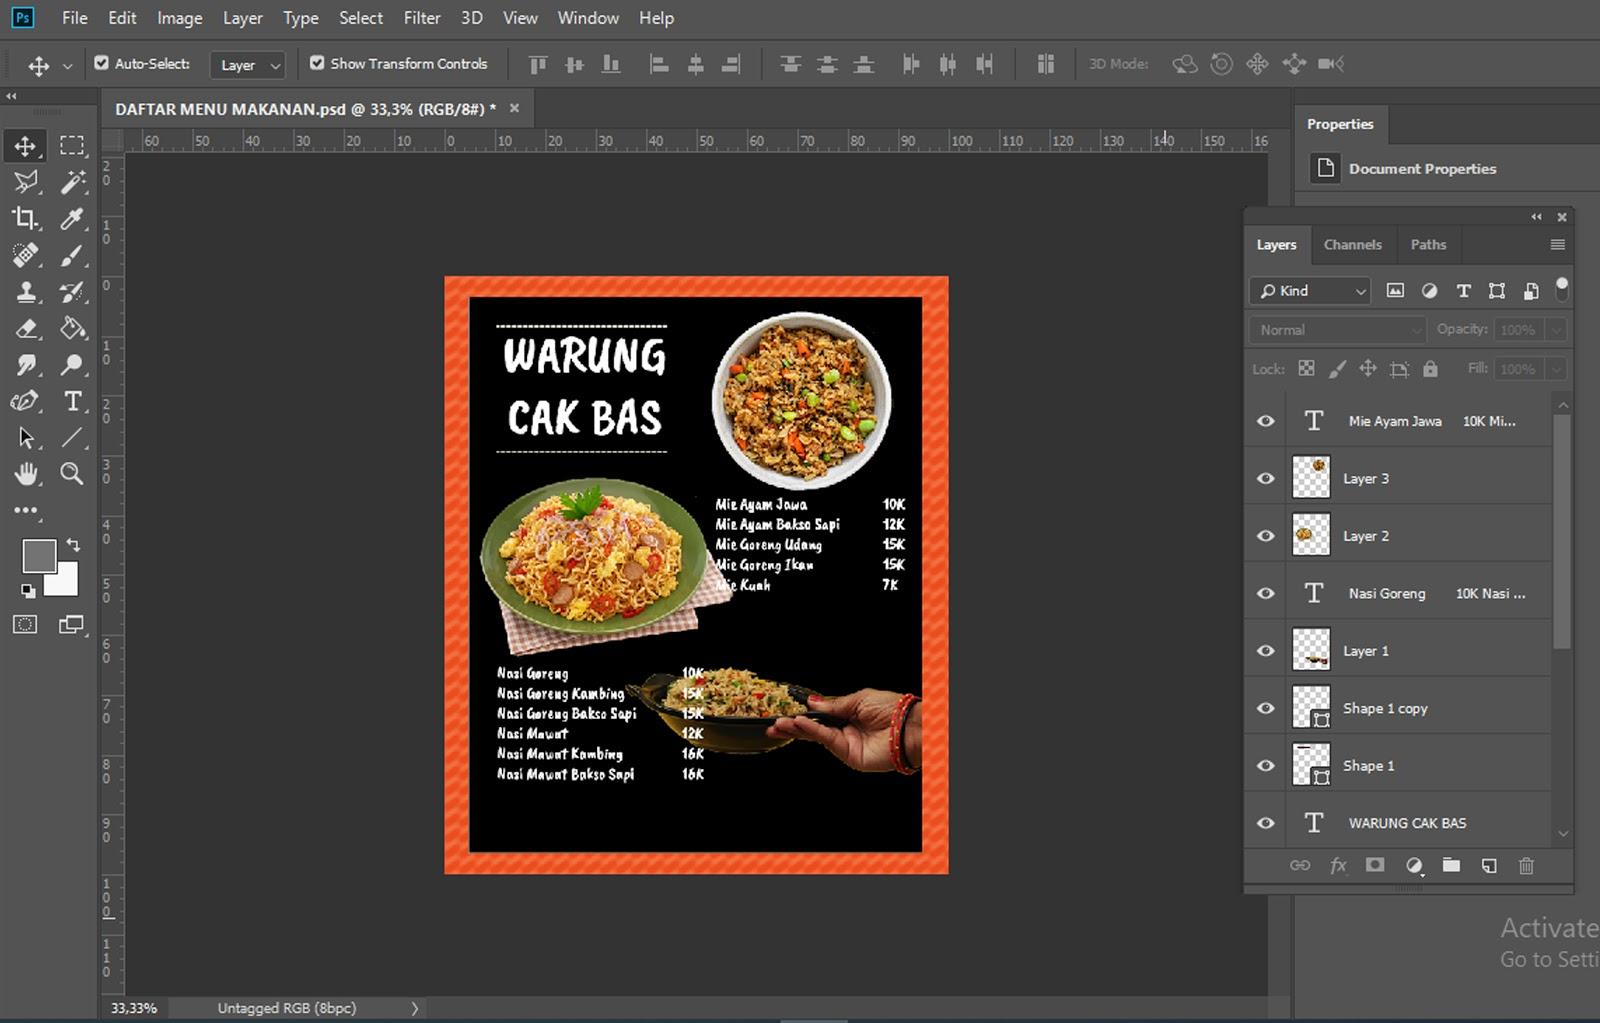 Menu makanan sudah jadi dibuat di Adobe Photoshop